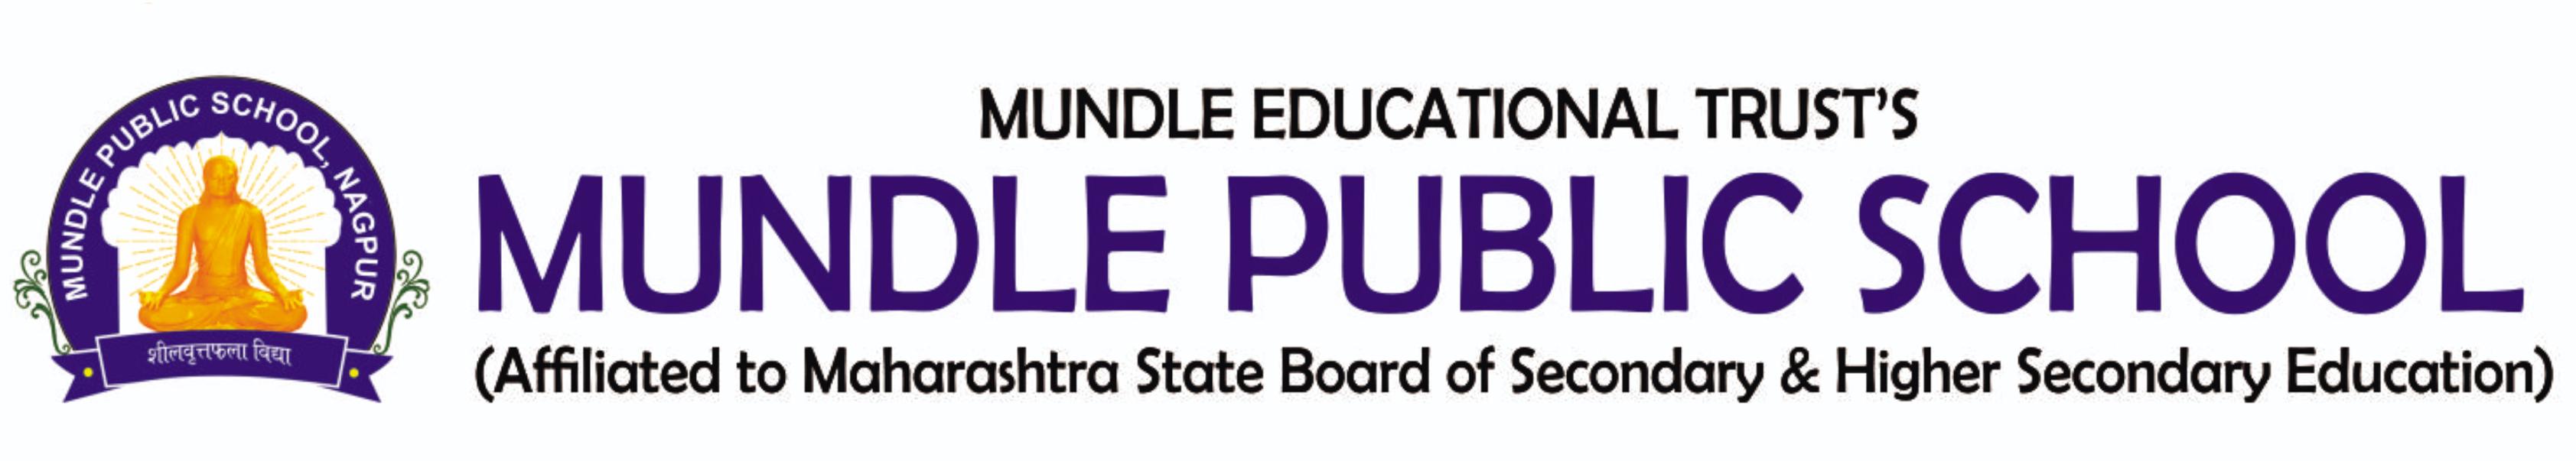 Mundle Public School